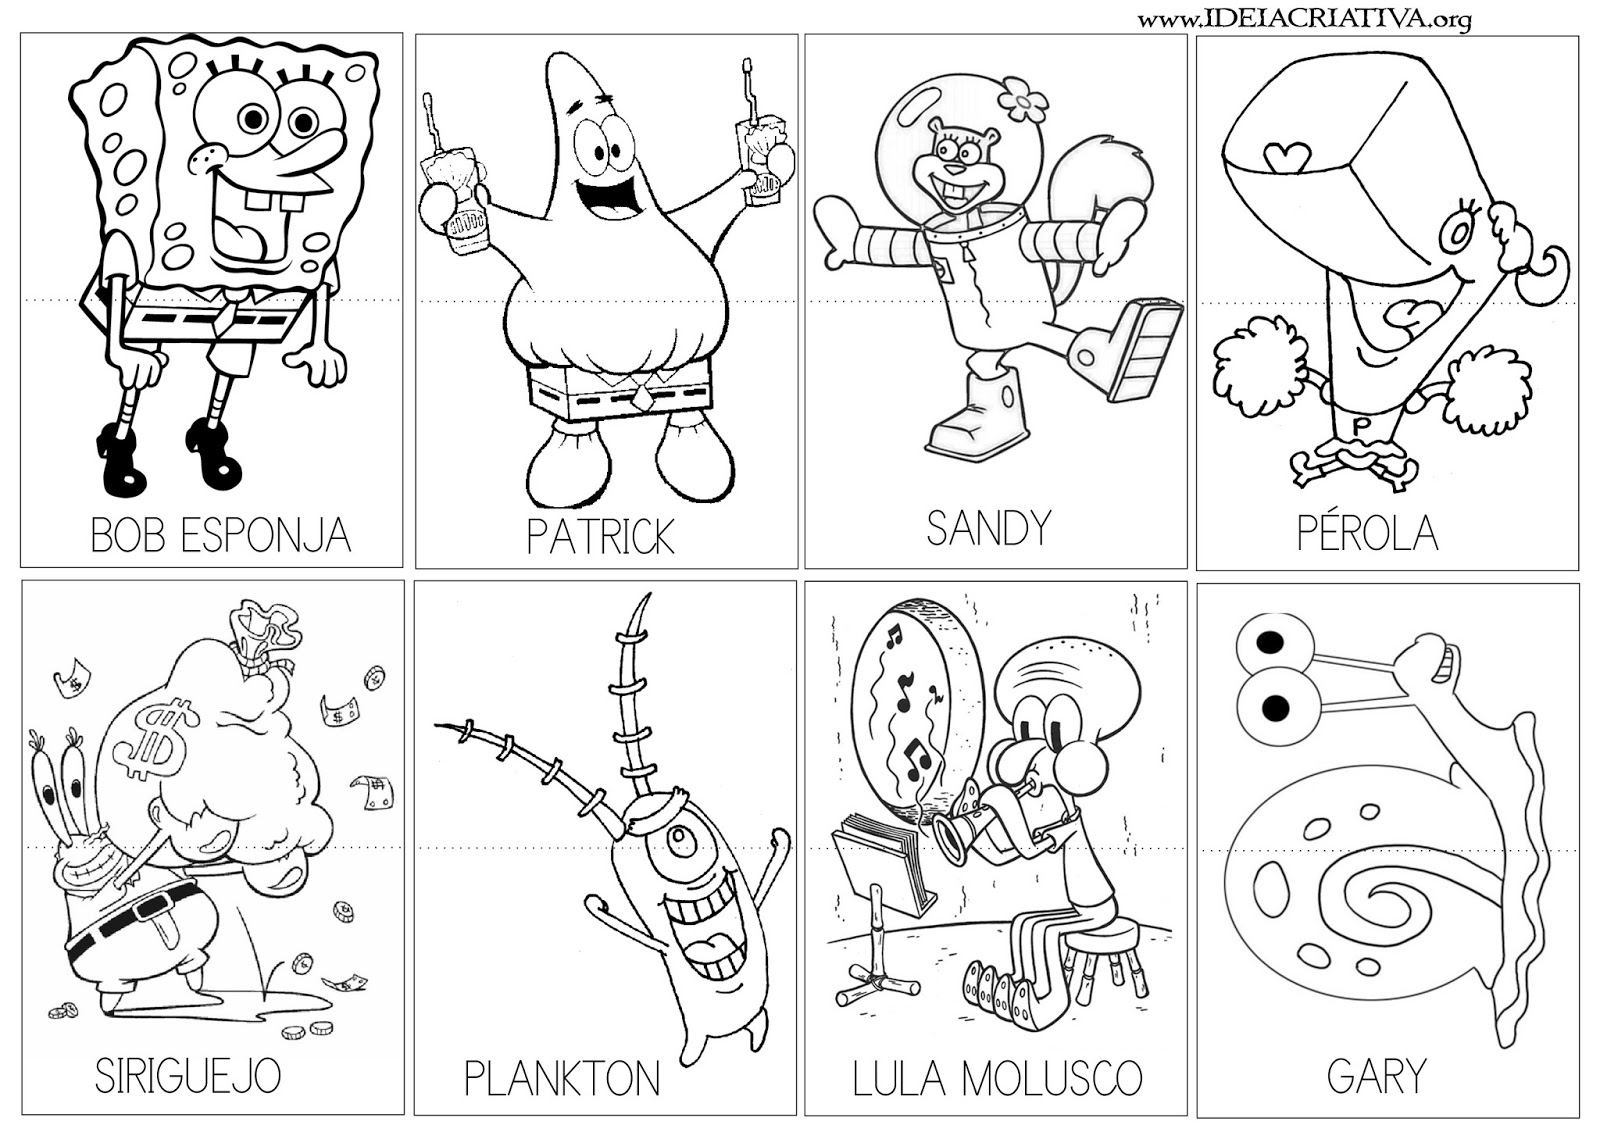 imagens para colorir bob esponja - Desenhos do Bob Esponja para colorir